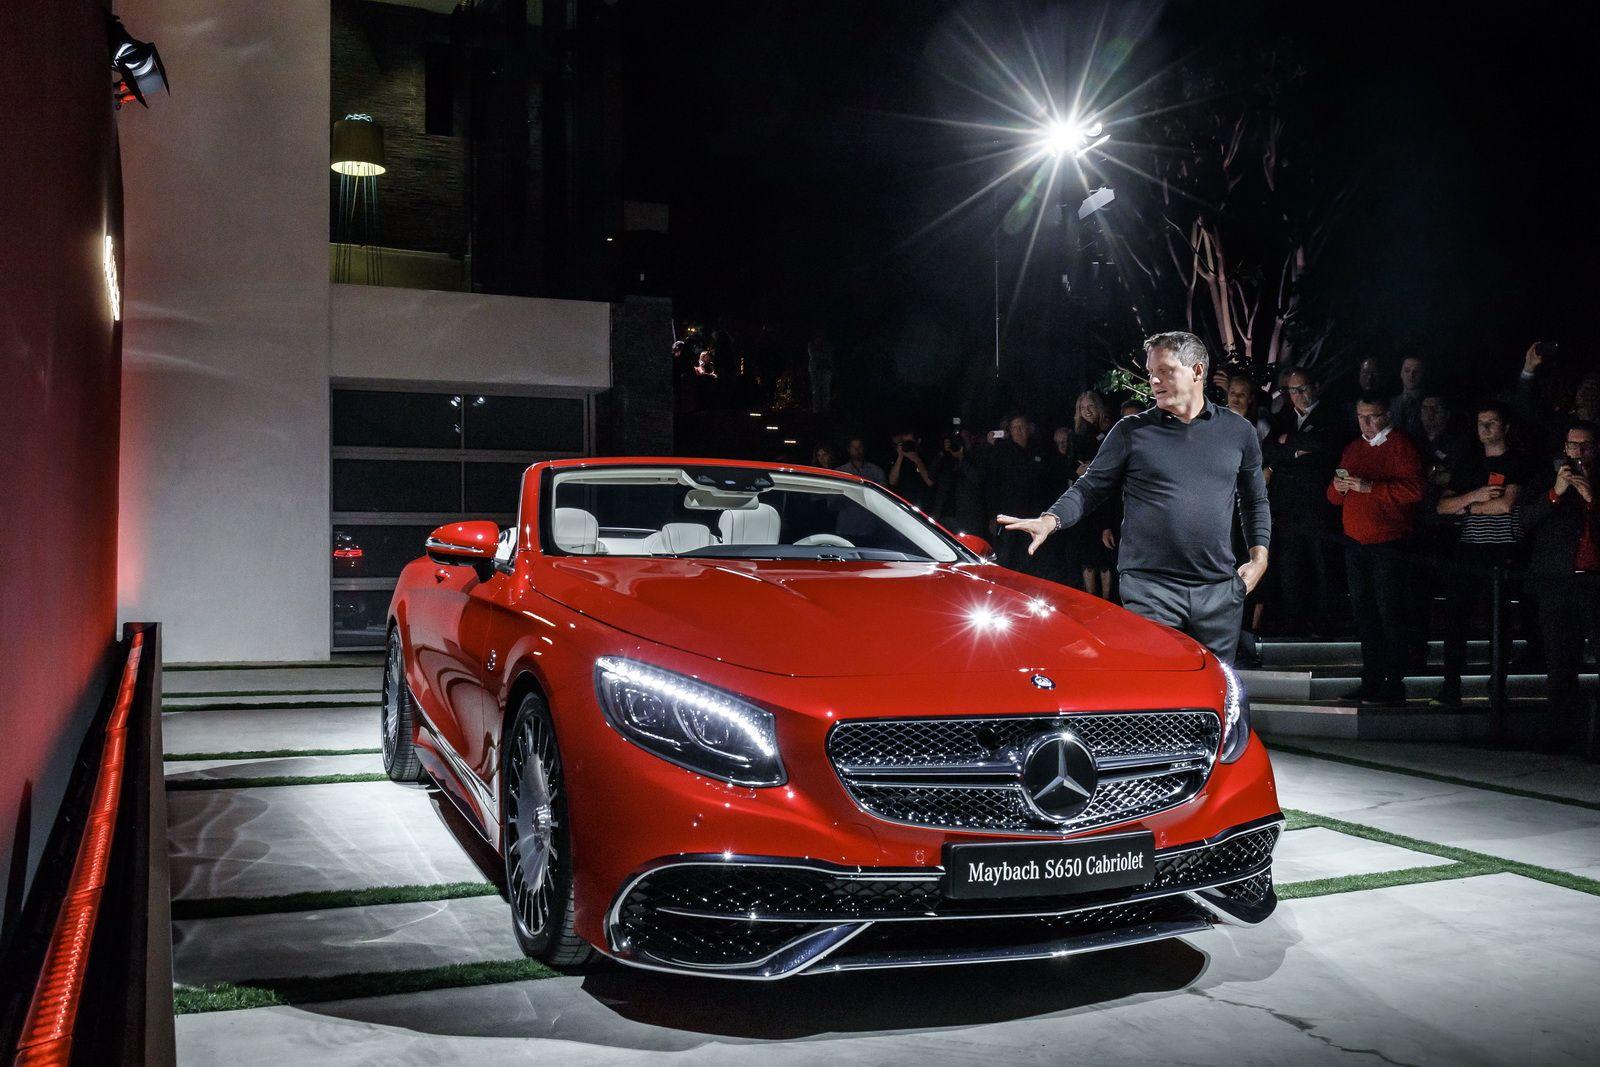 سعر ومواصفات وصور مرسيدس مايباخ S650 كابورليه Mercedes Maybach